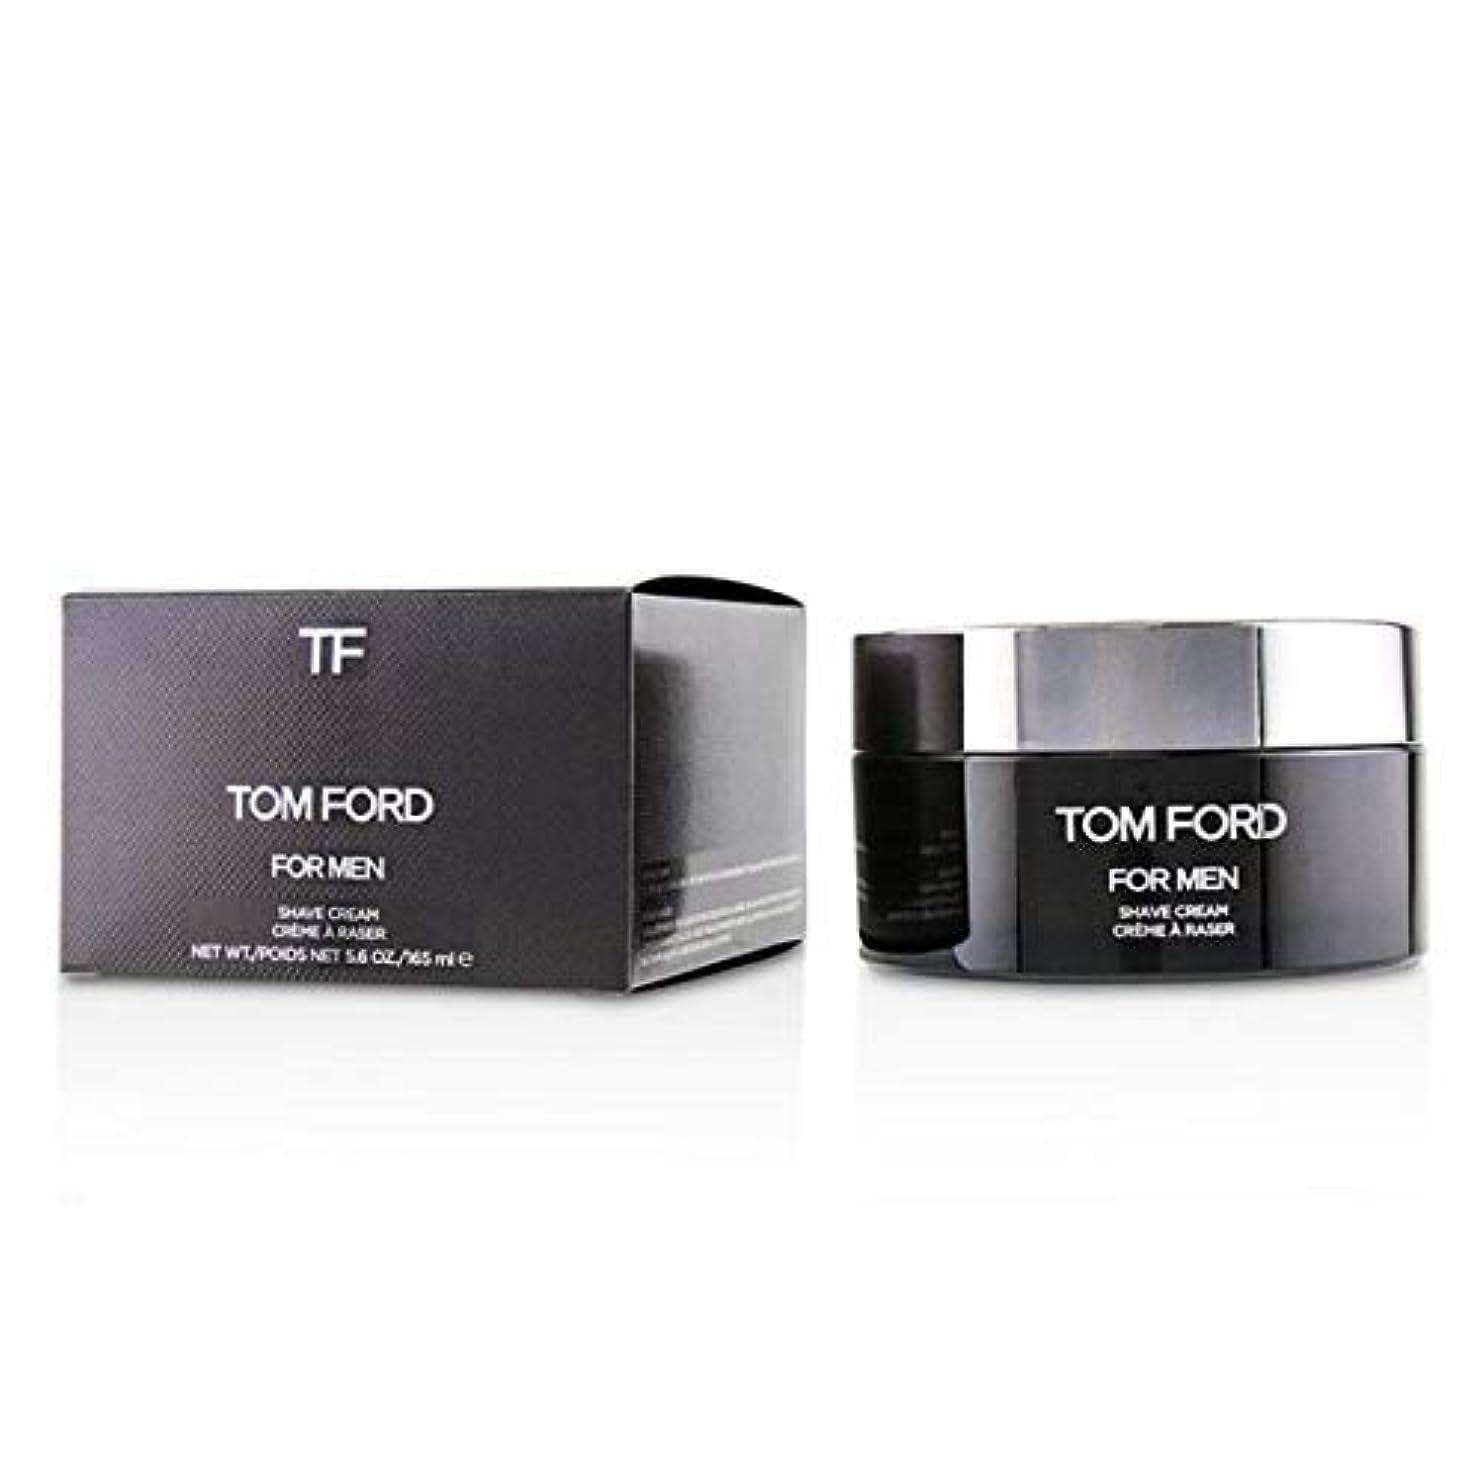 女の子脅威誰のTom Ford for Men Shave Cream Made in Belgium 165ml / トムフォードメンズフォーシェーブクリームベルギー製165ml